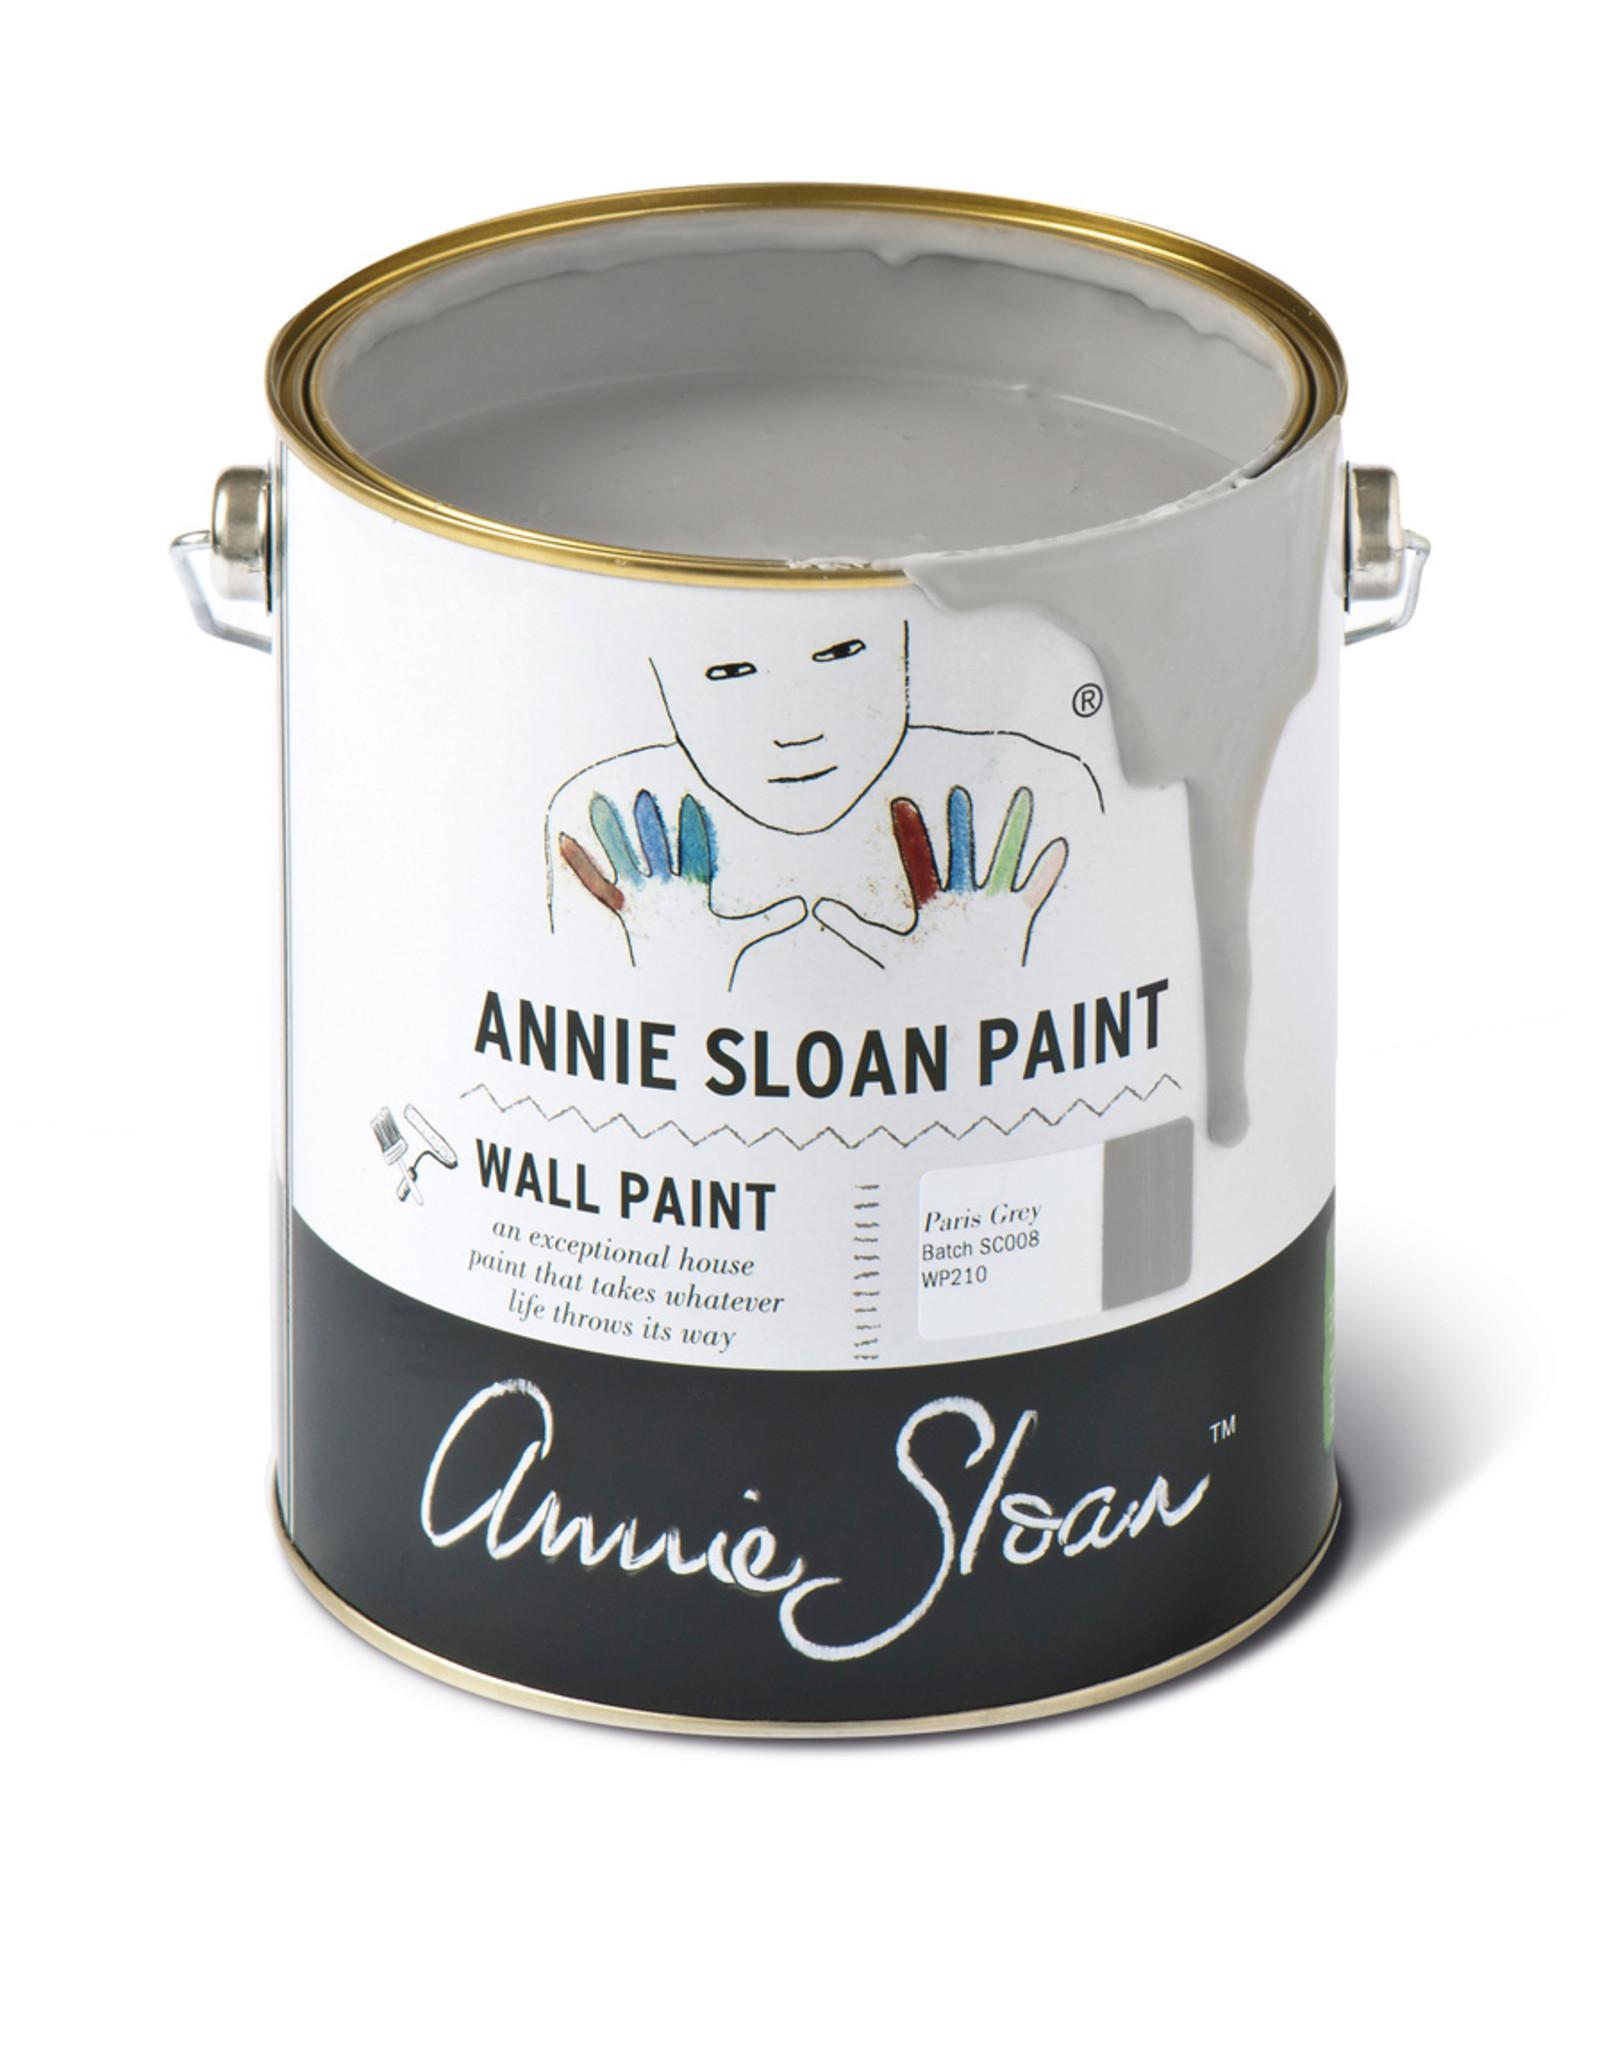 Annie Sloan Wall Paint is de afneembare krijtverfvariant van Annie Sloan, en is het beste wat er te krijgen is op dit vlak. De kleuren zijn subtiel samengesteld en de verf dekt goed. Te verdunnen met 5-10% water voor een eerste laag muurverf op wat ruigere oppervlakk